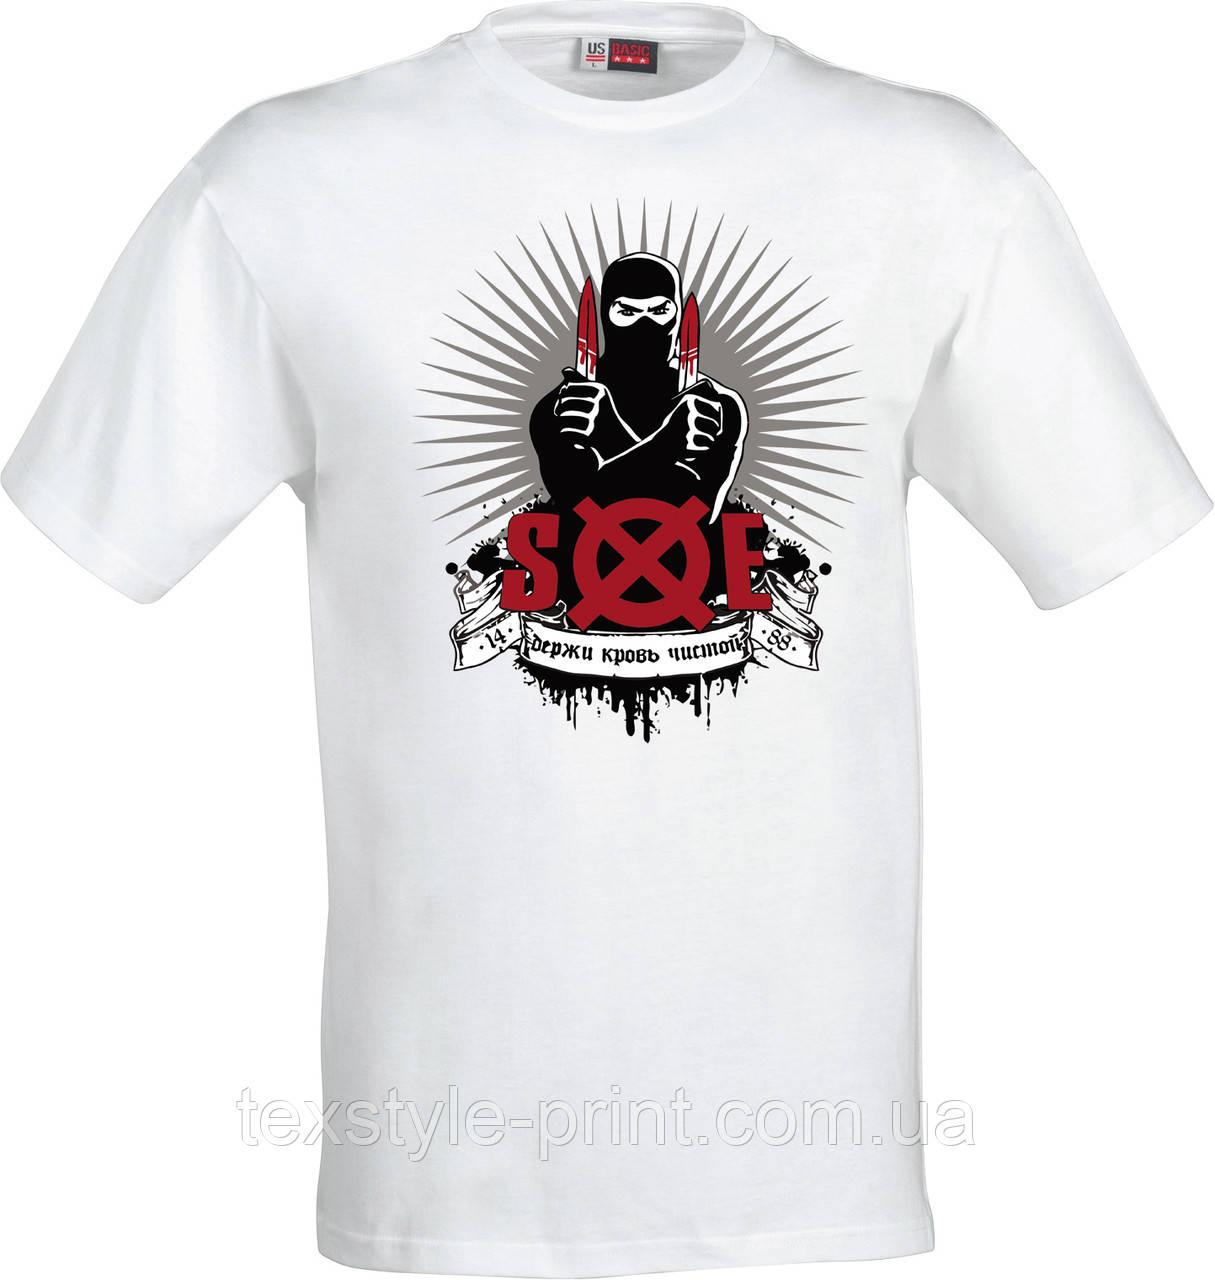 Печать на синтетических футболках белого цвета